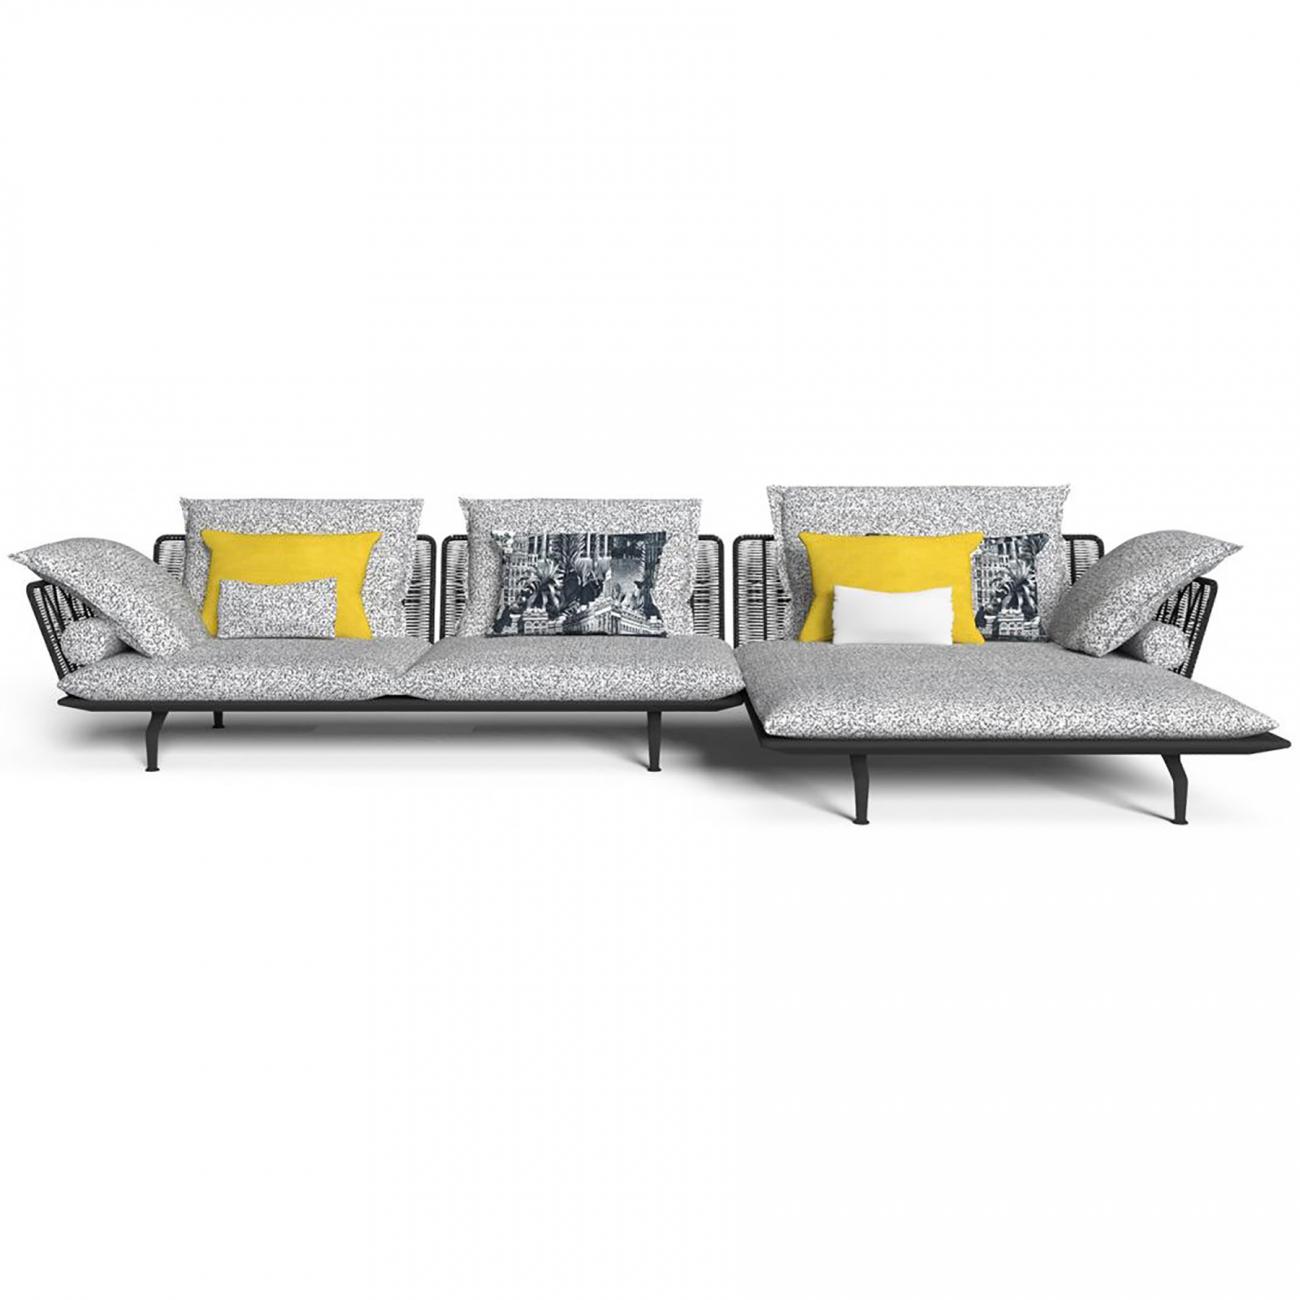 Talenti Cruise Alu modular sofa